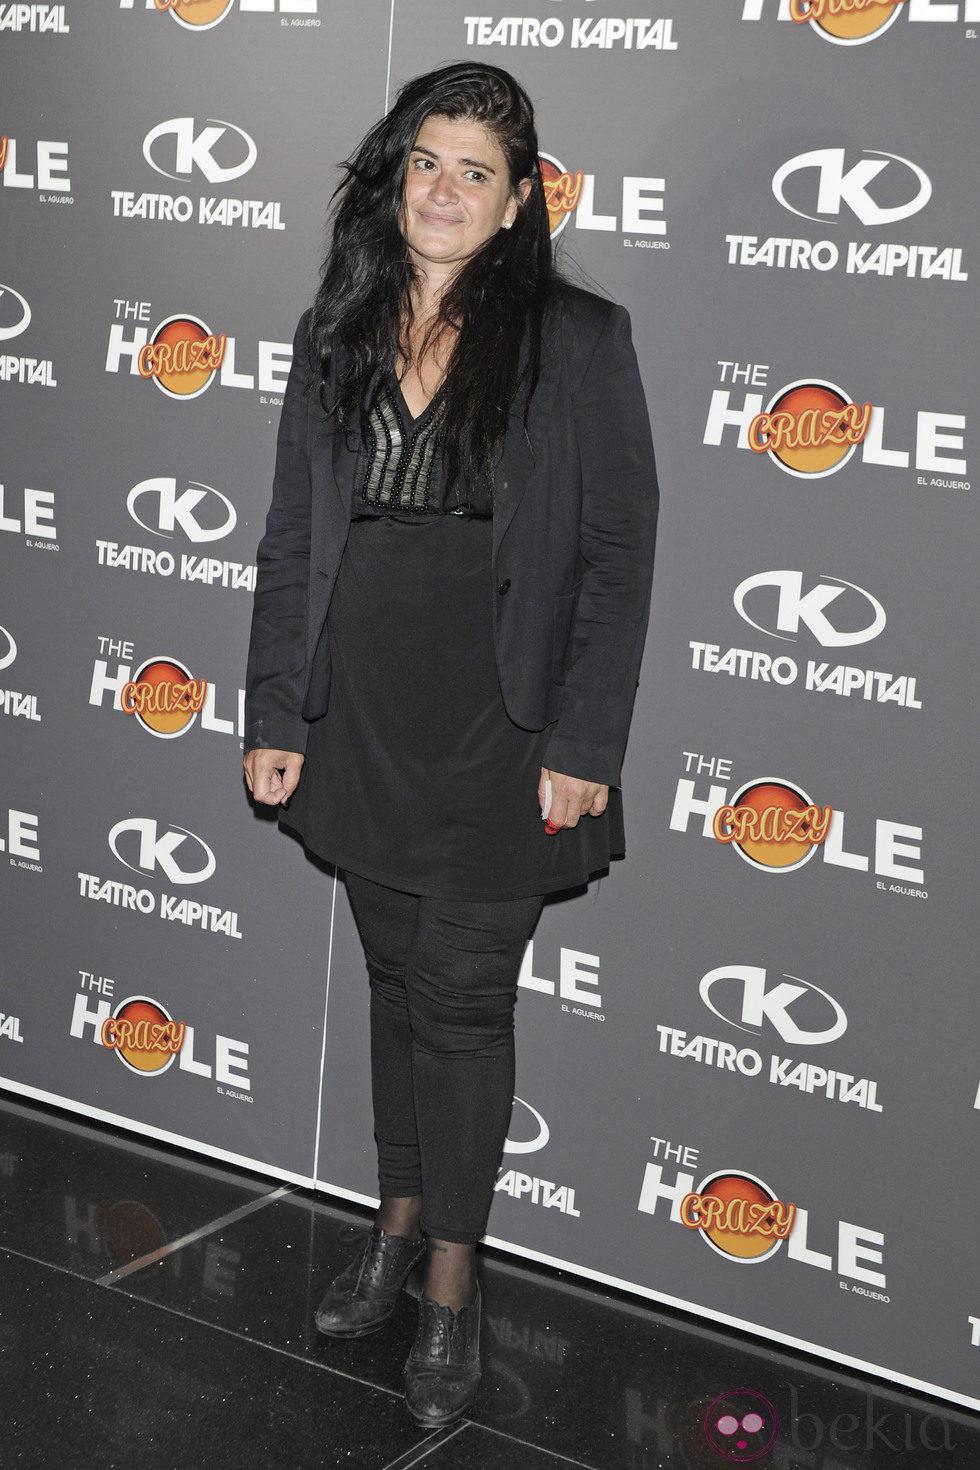 Lucía Etxebarría en la celebración de las 500 funciones de 'The Hole'